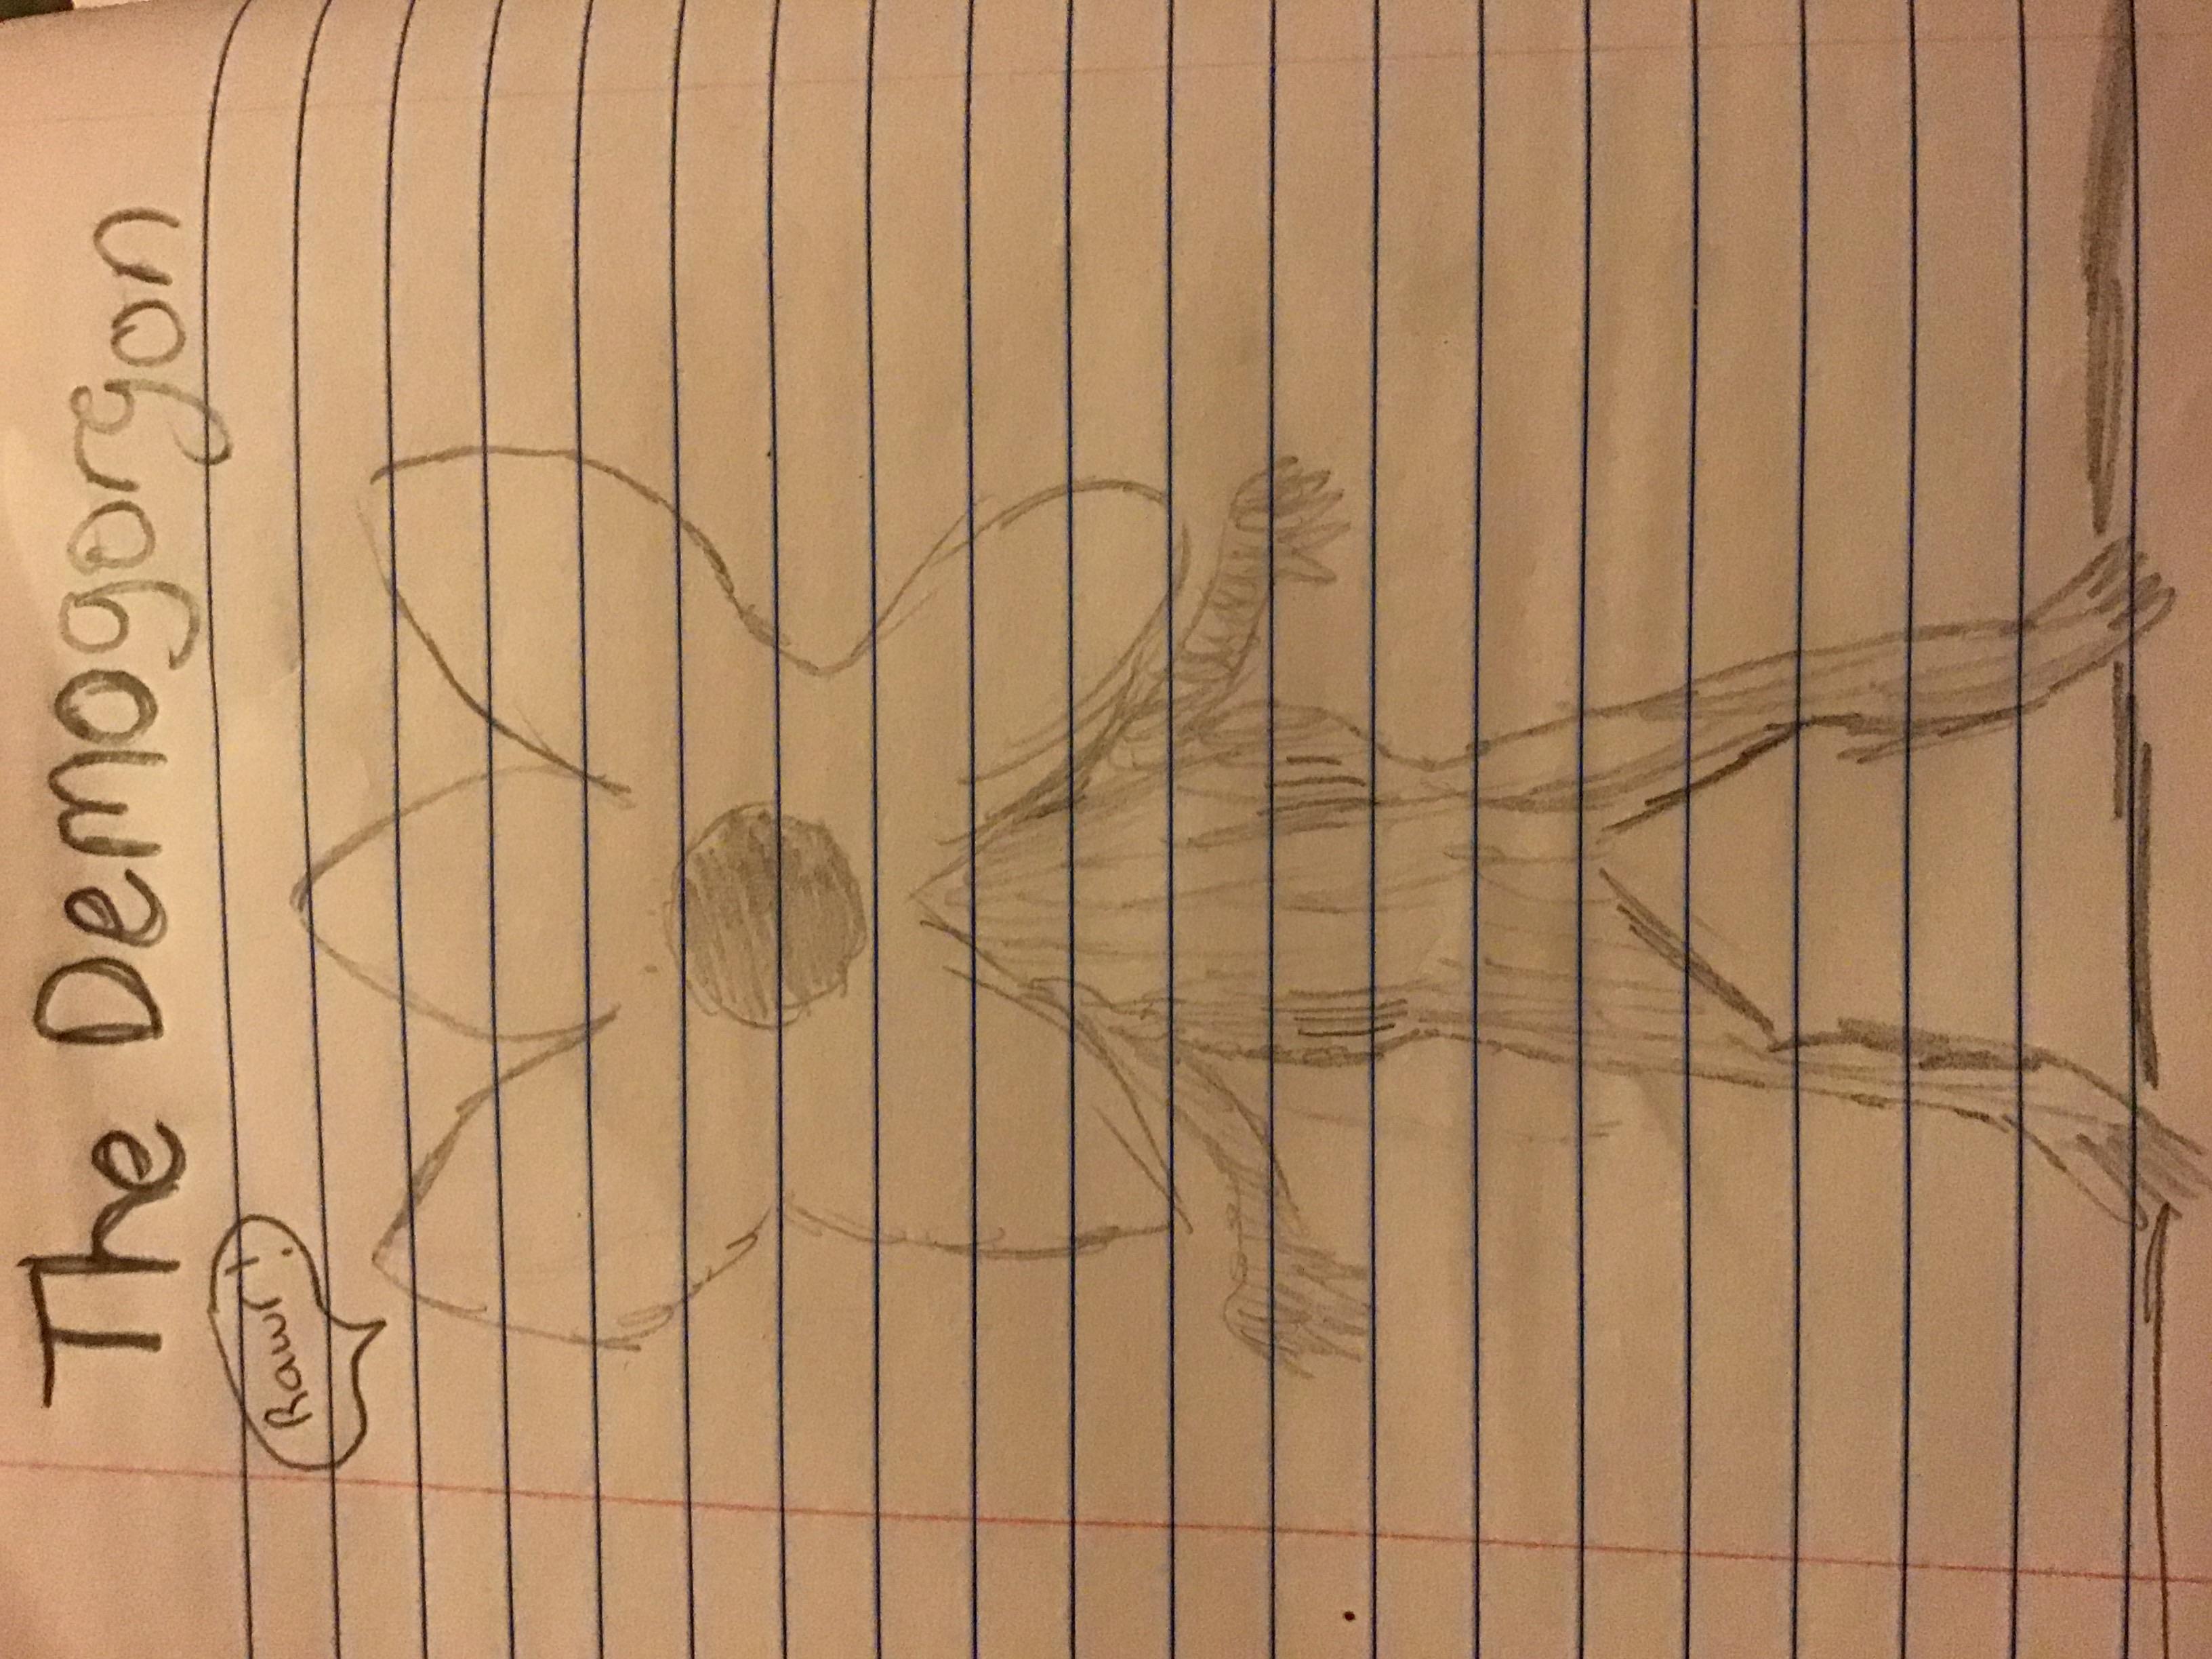 My fan art: The demogorgon